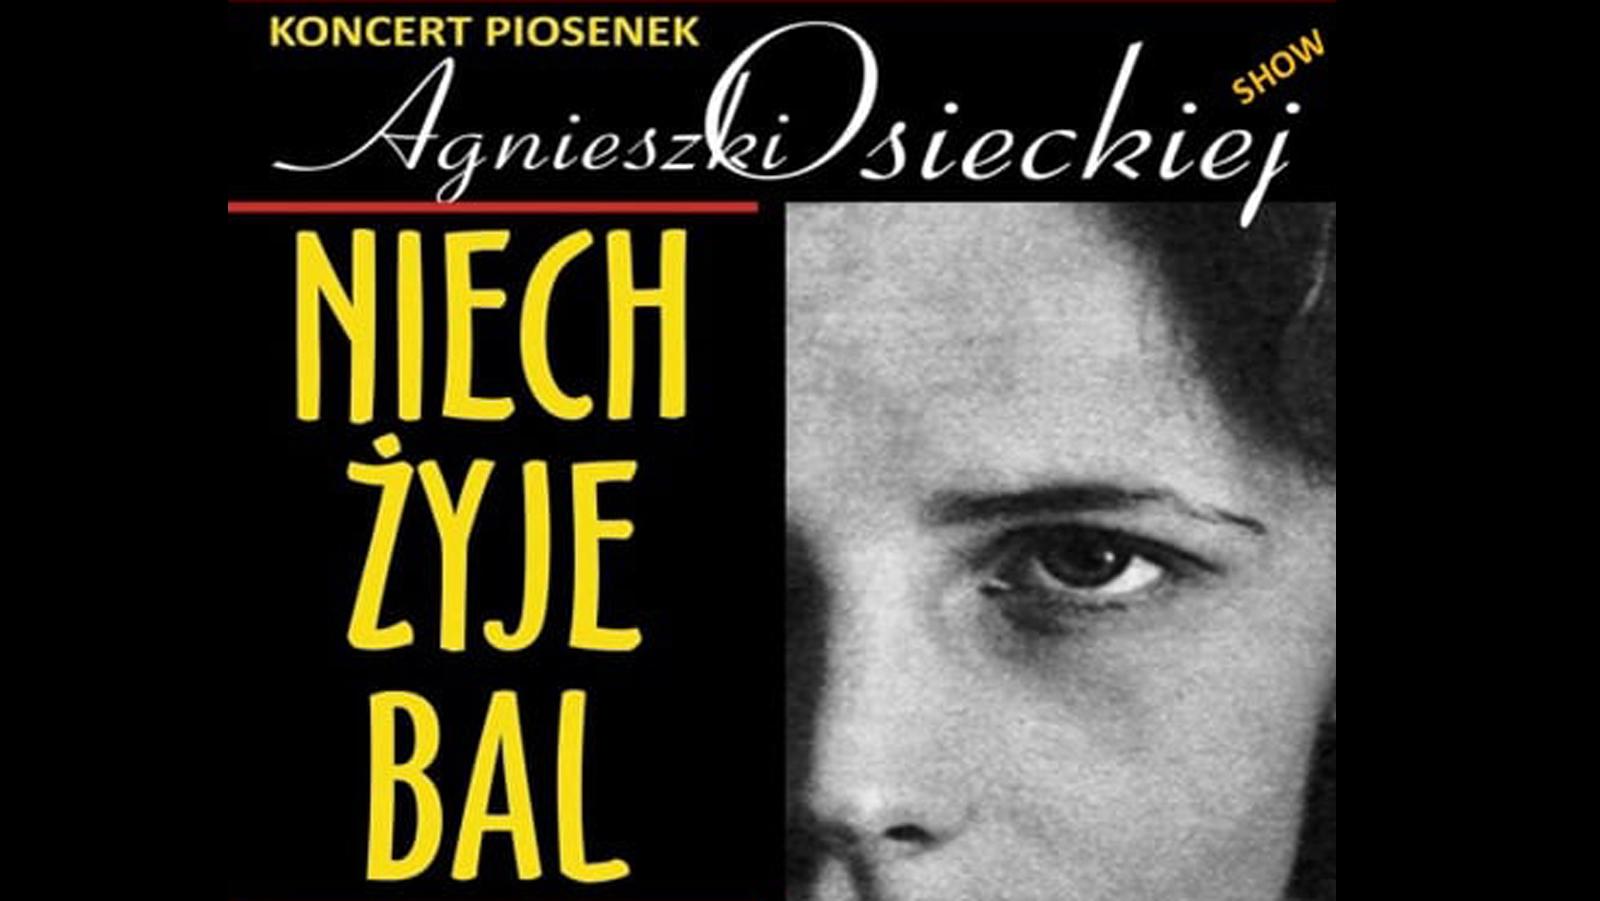 15 sierpnia: Koncert Osiecka Show - Niech żyje bal - Werynia 2021 - Zdjęcie główne